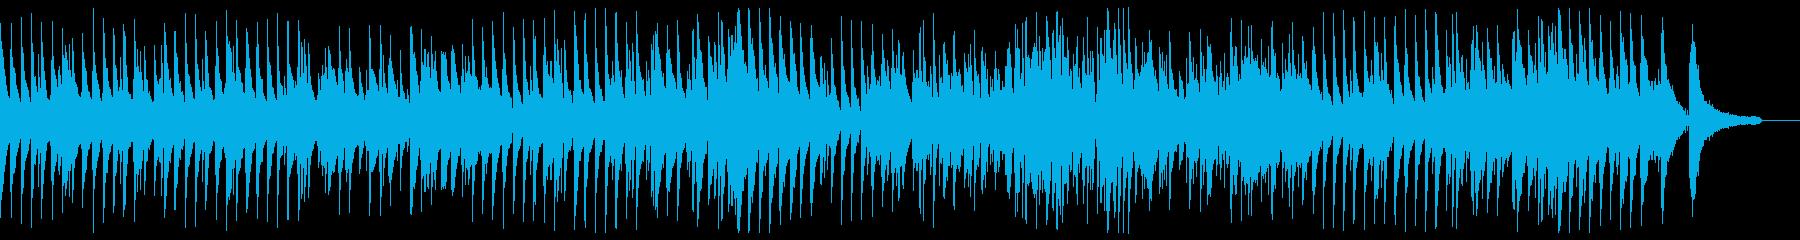 軽やかでエレガントなジャズワルツの再生済みの波形